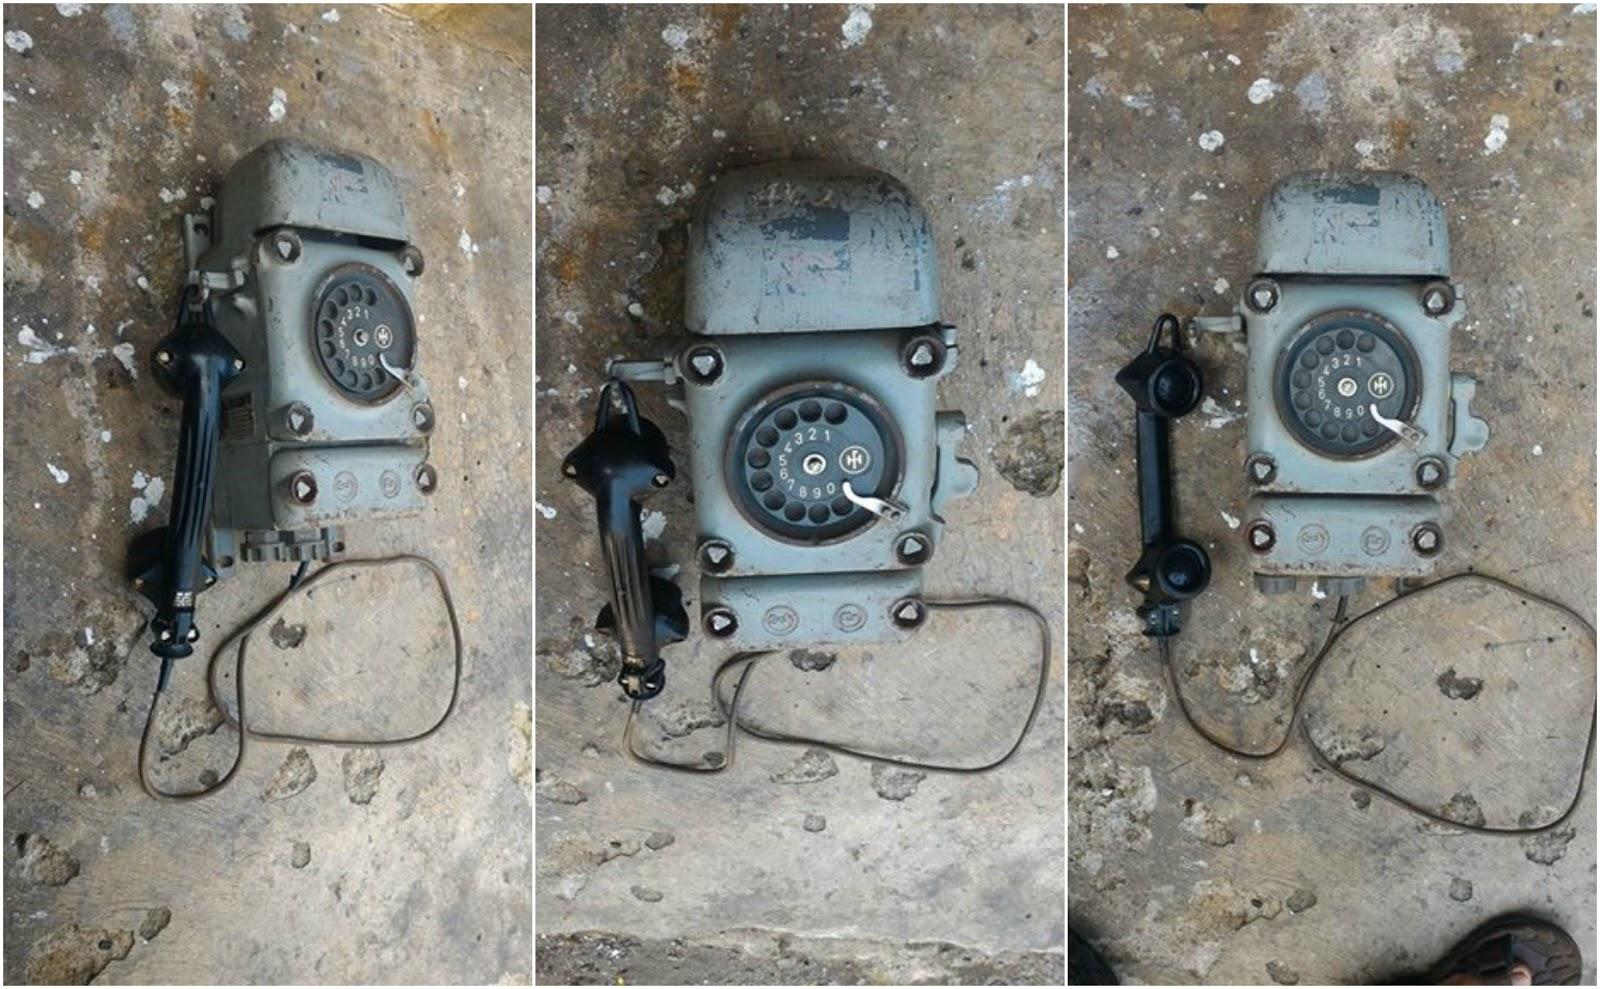 Lapak barang jadul dijual telpon kapal lawas 1950 for Industrie mobel antik